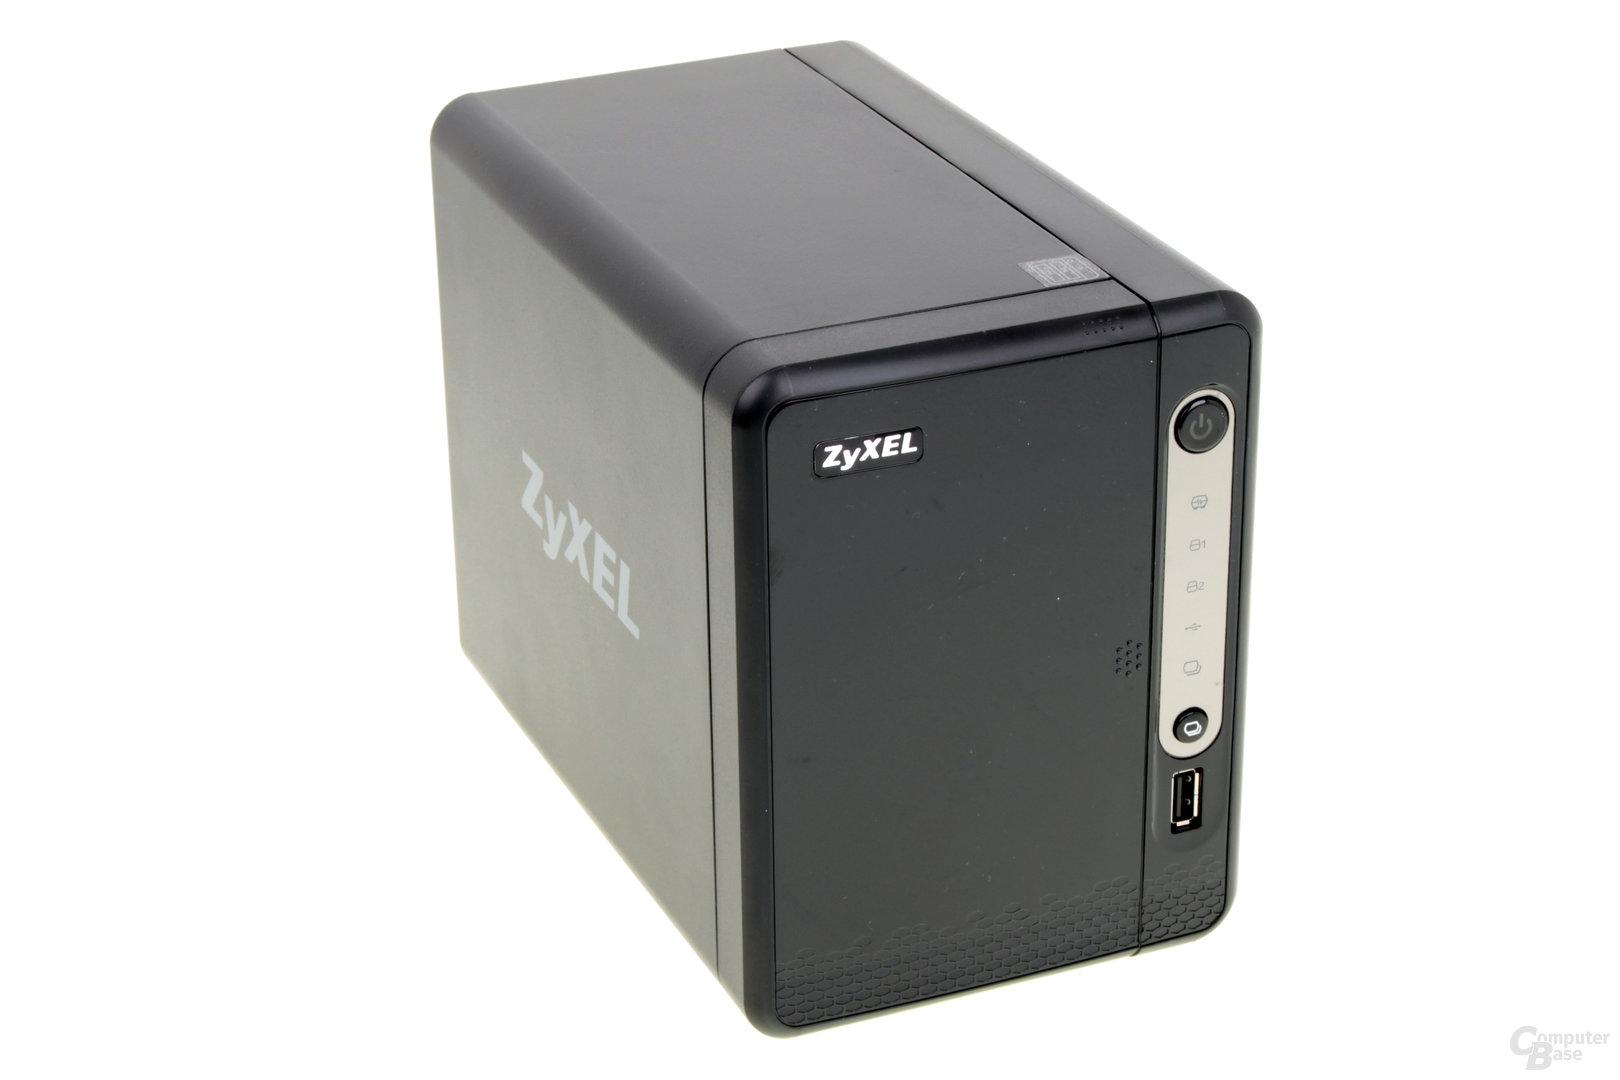 ZyXEL NAS326 – geschlossene Front mit USB 2.0 und Kopiertaste